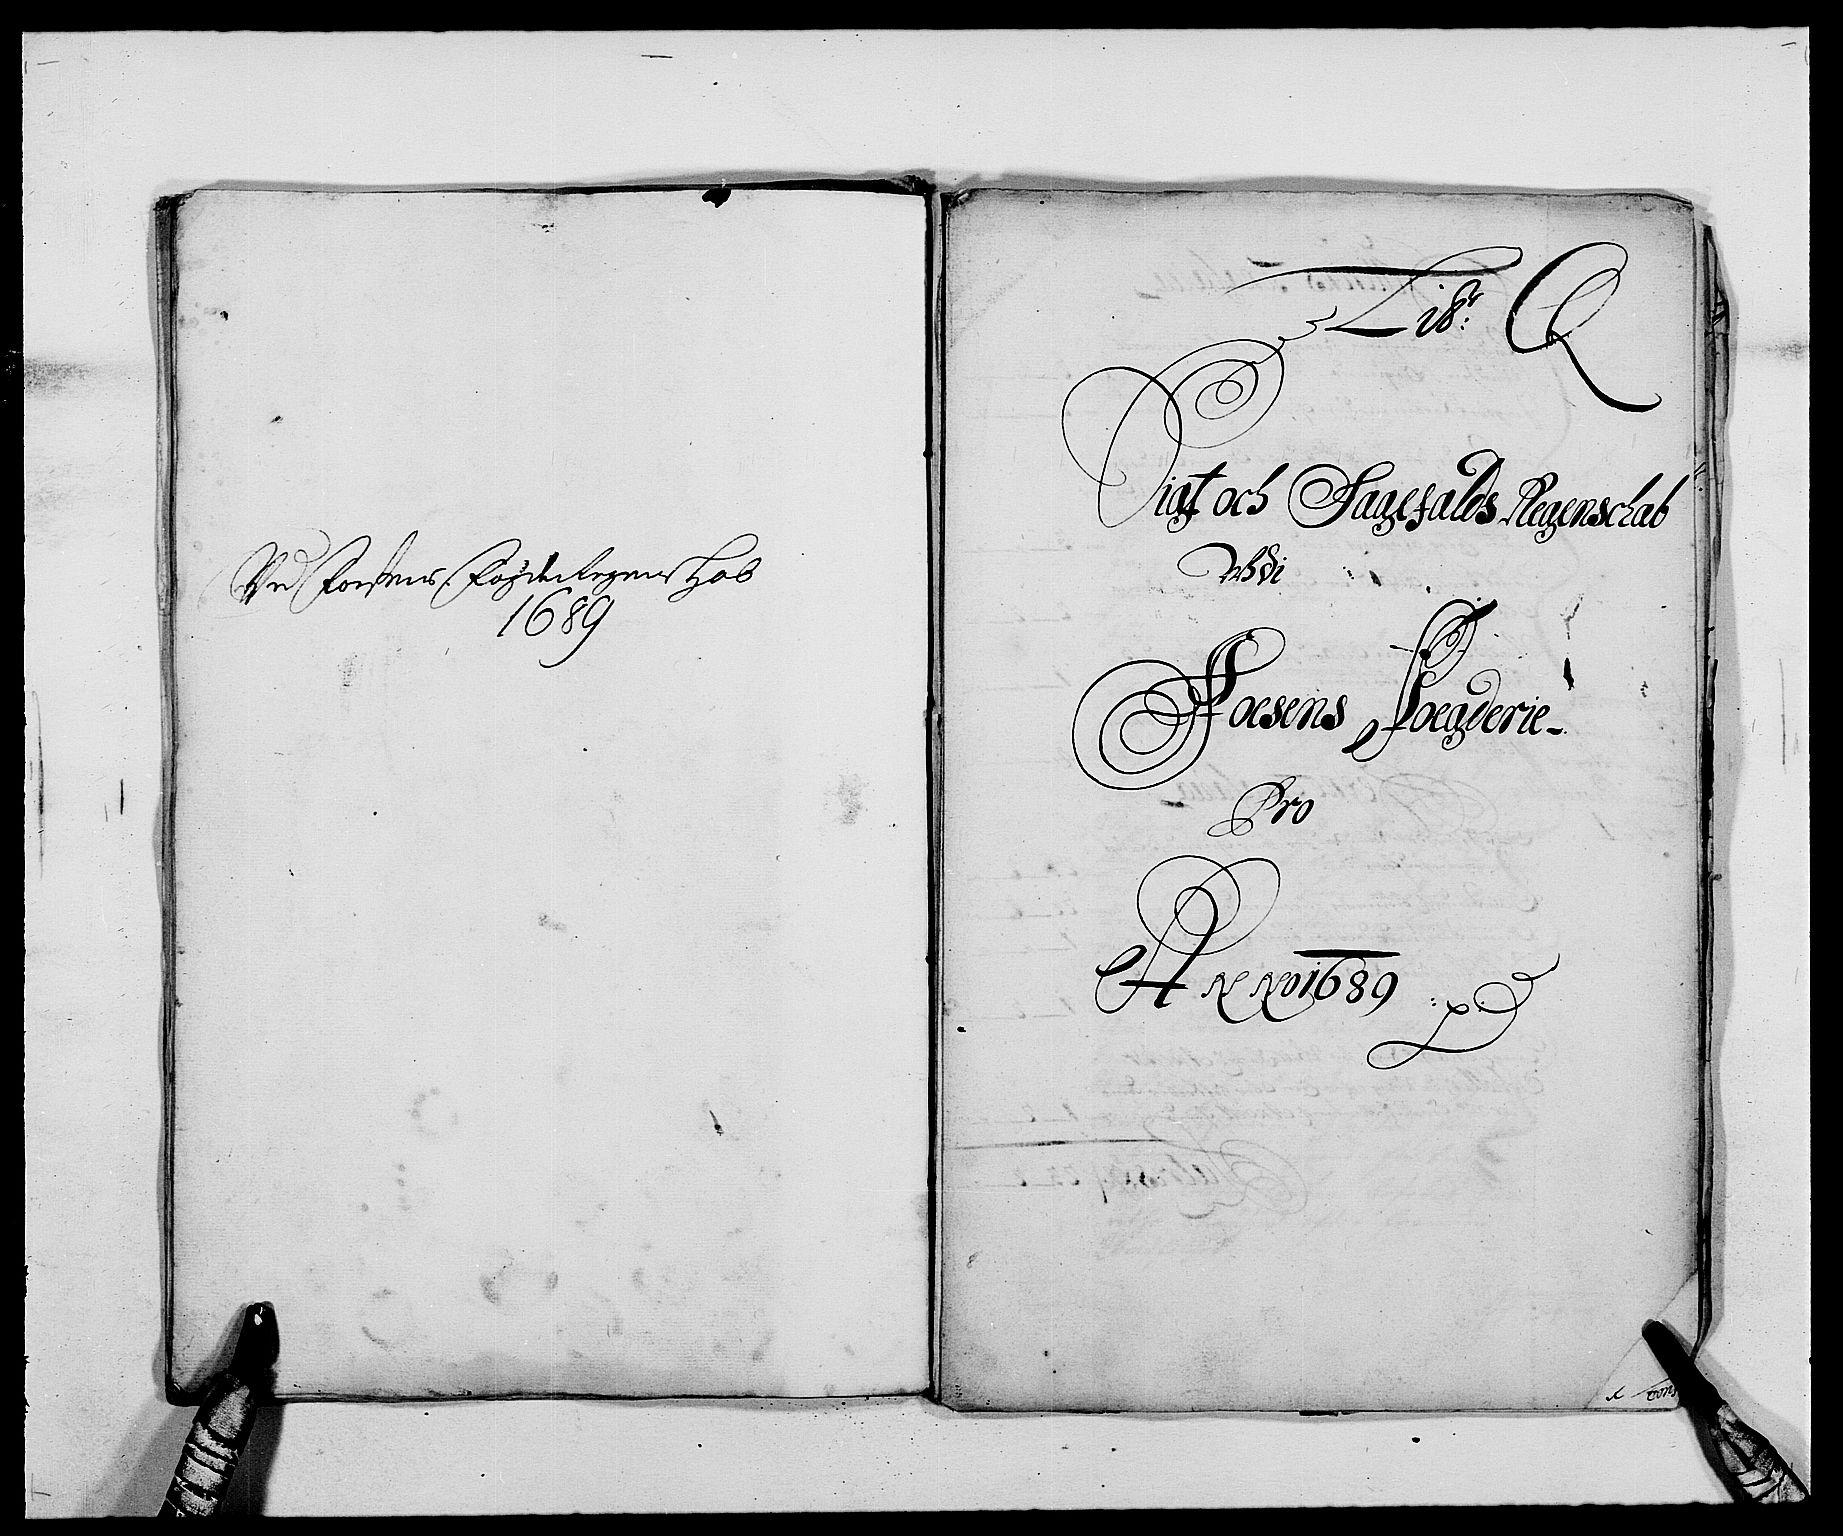 RA, Rentekammeret inntil 1814, Reviderte regnskaper, Fogderegnskap, R57/L3847: Fogderegnskap Fosen, 1689, s. 134